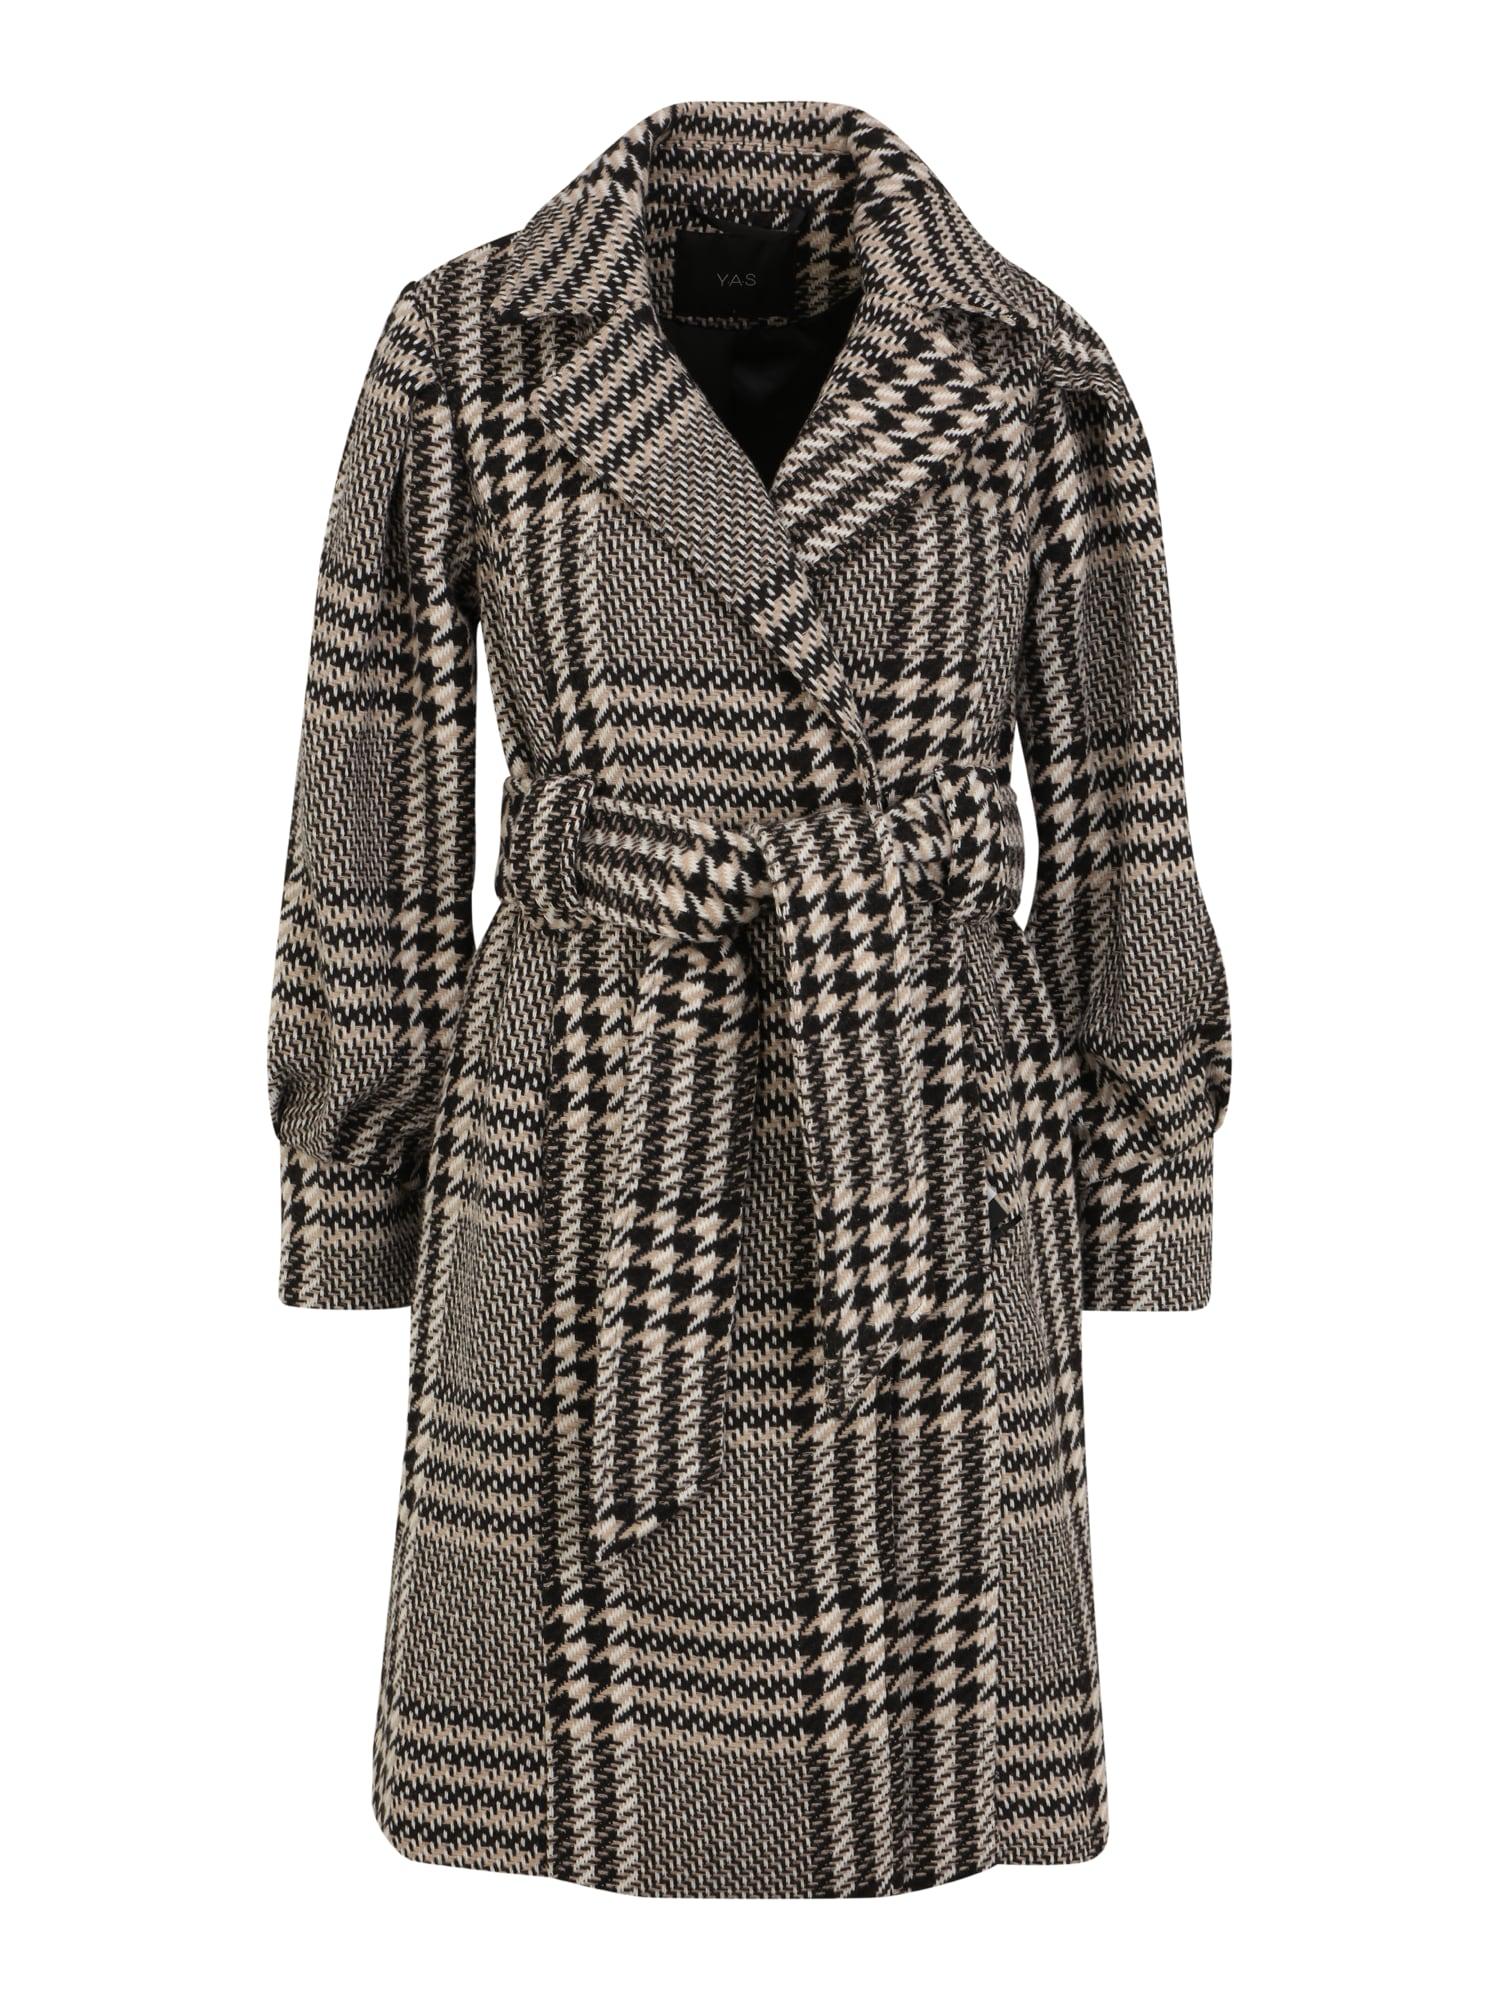 Y.A.S Petite Přechodný kabát 'PONGA'  černá / bílá